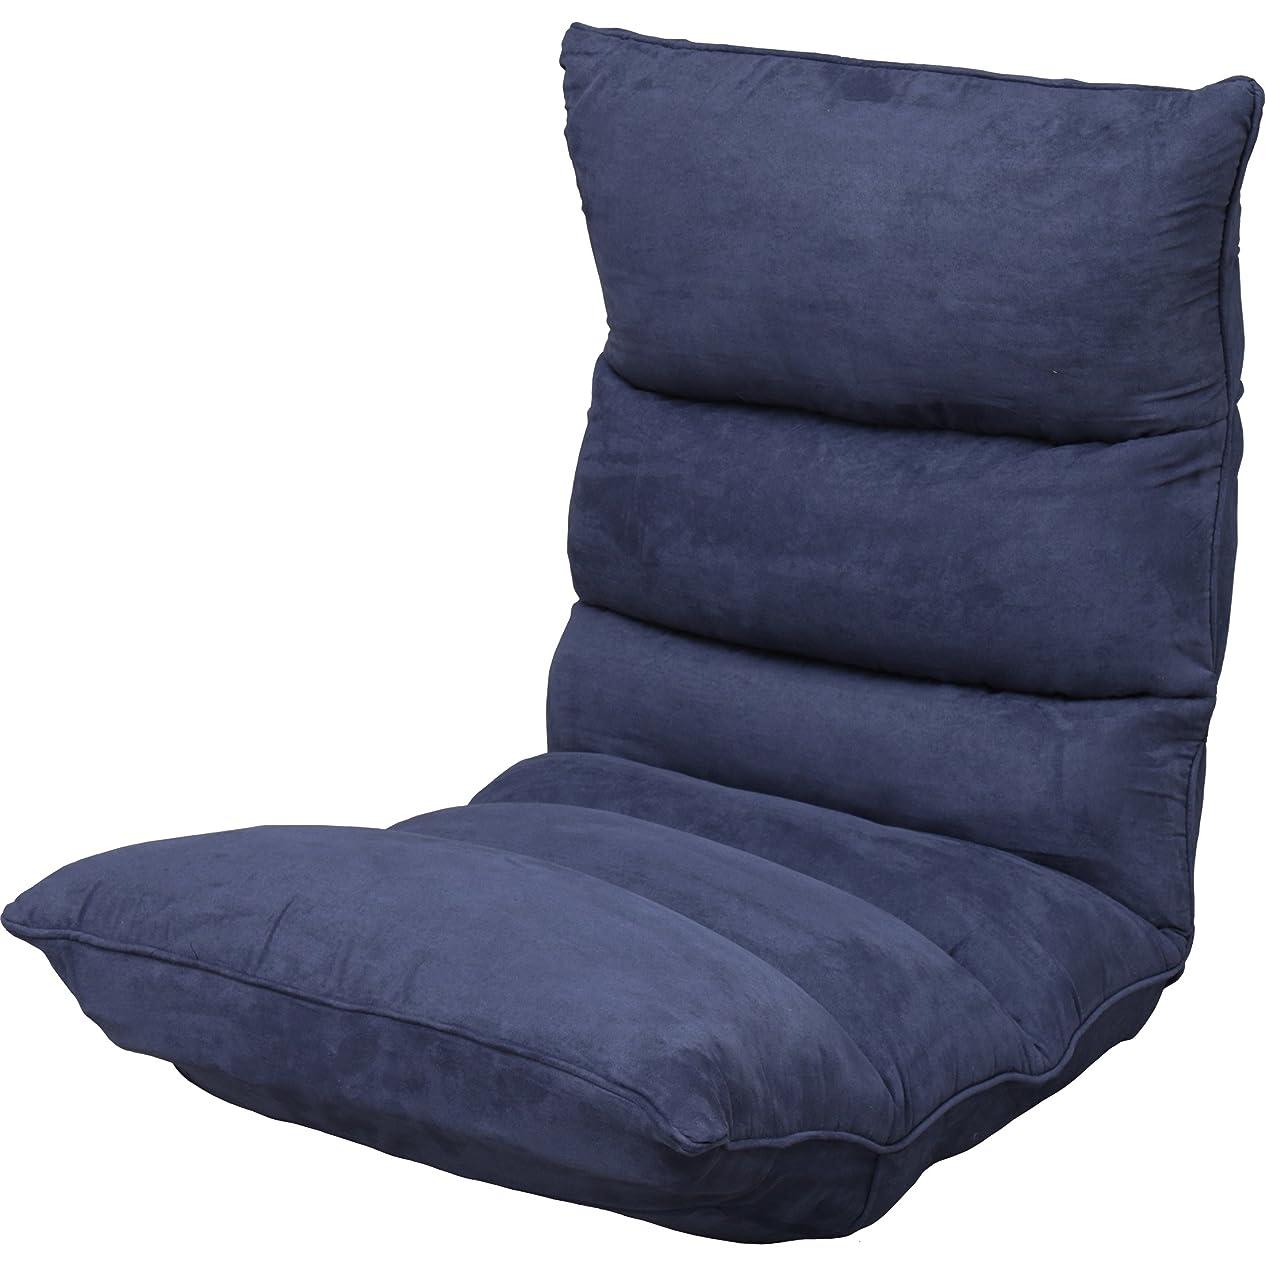 幹パーチナシティ光景アイリスプラザ 14段階リクライニング座椅子 モコモコ 低反発タイプ